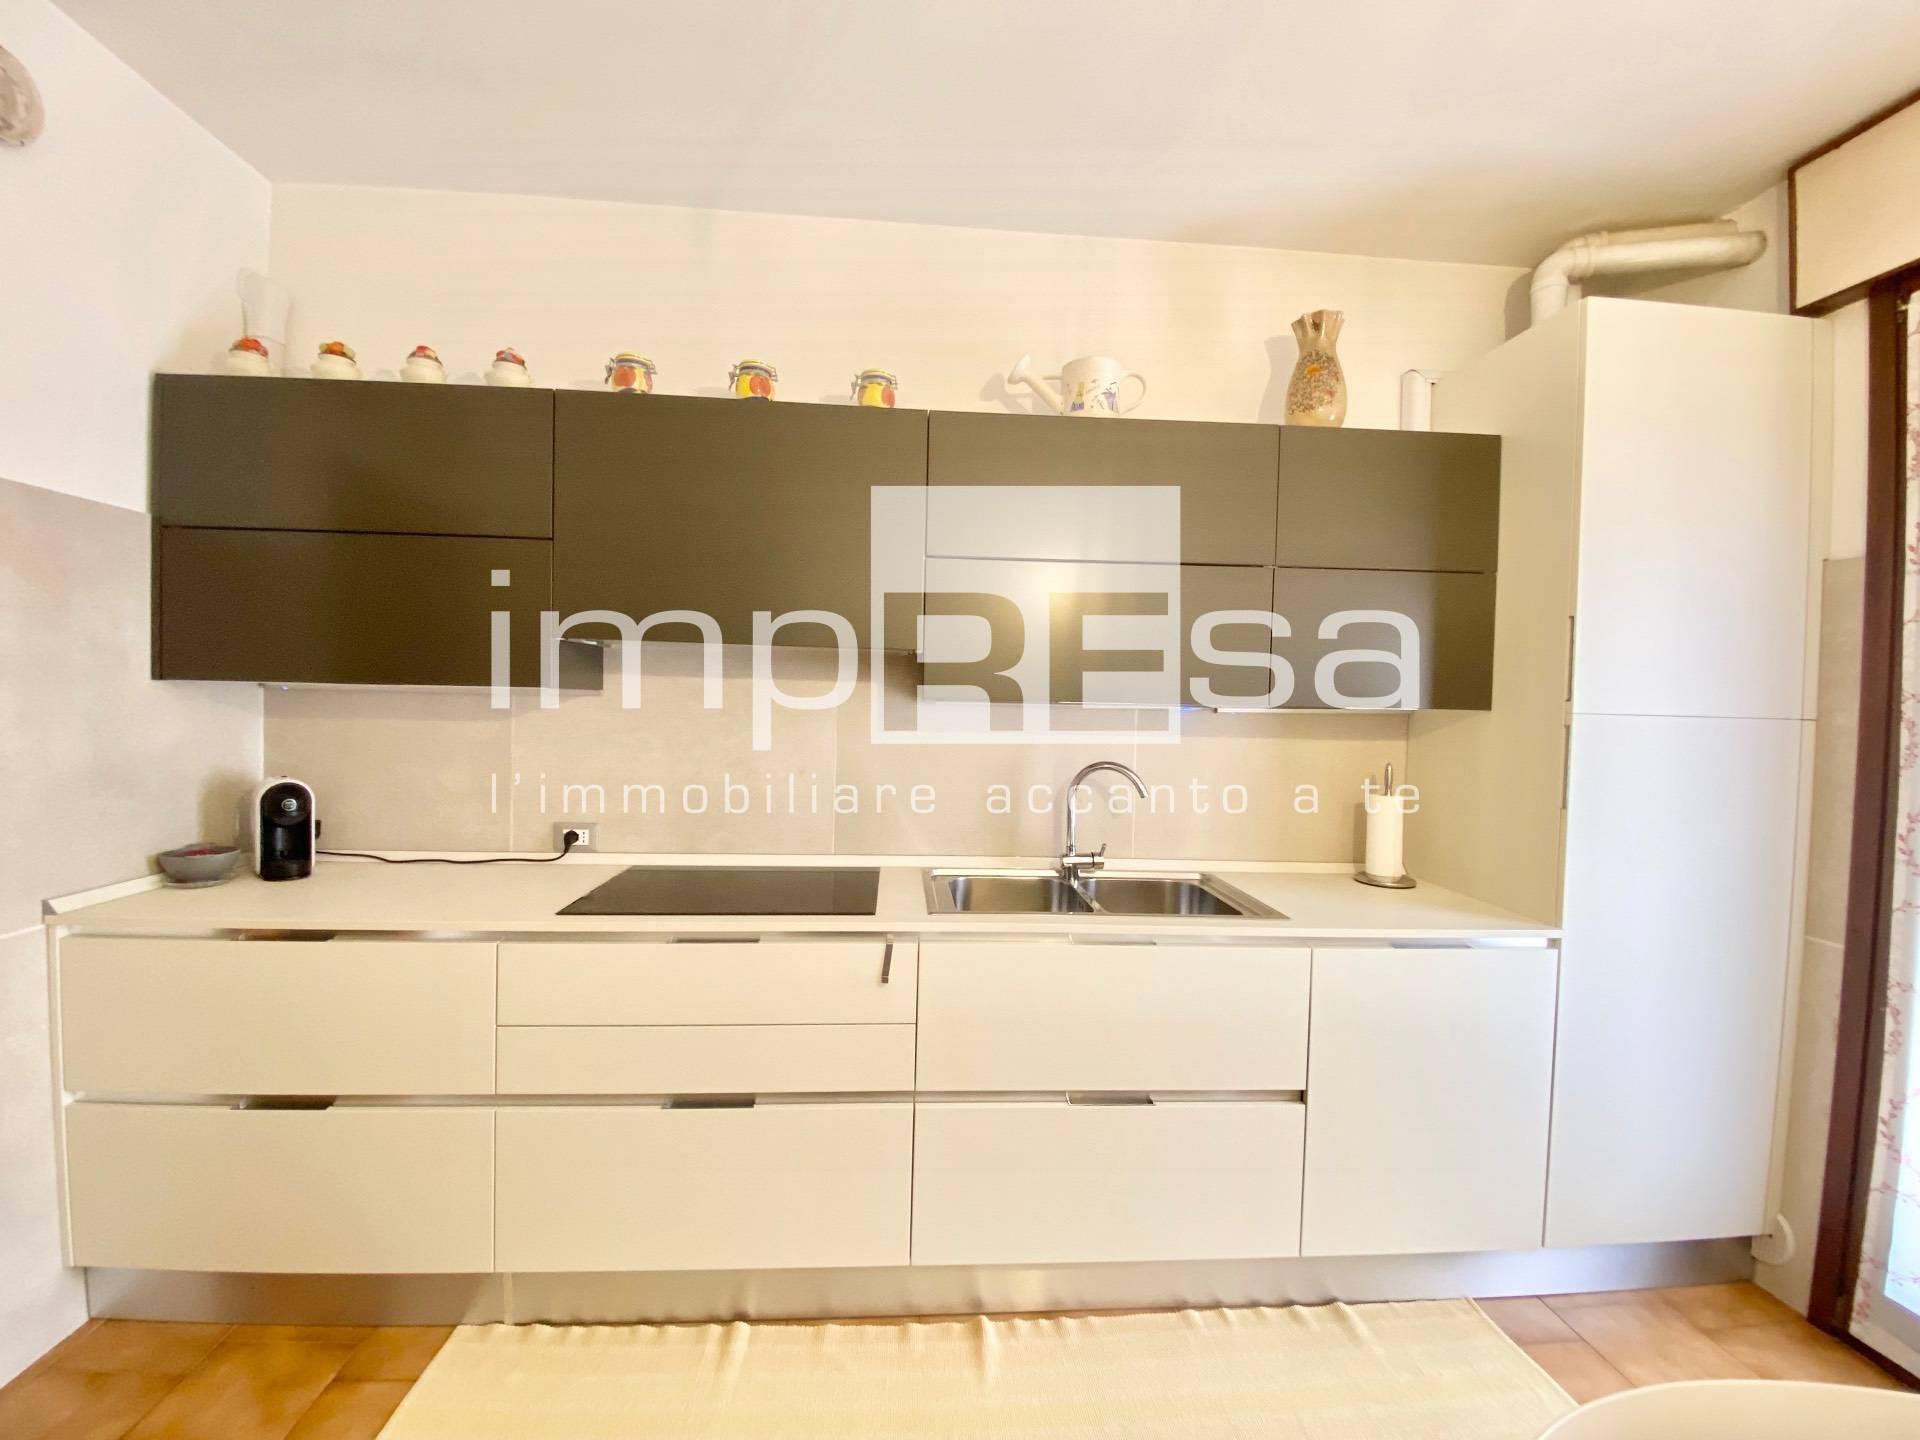 Appartamento in vendita a Spresiano, 7 locali, zona Zona: Visnadello, prezzo € 99.000 | CambioCasa.it